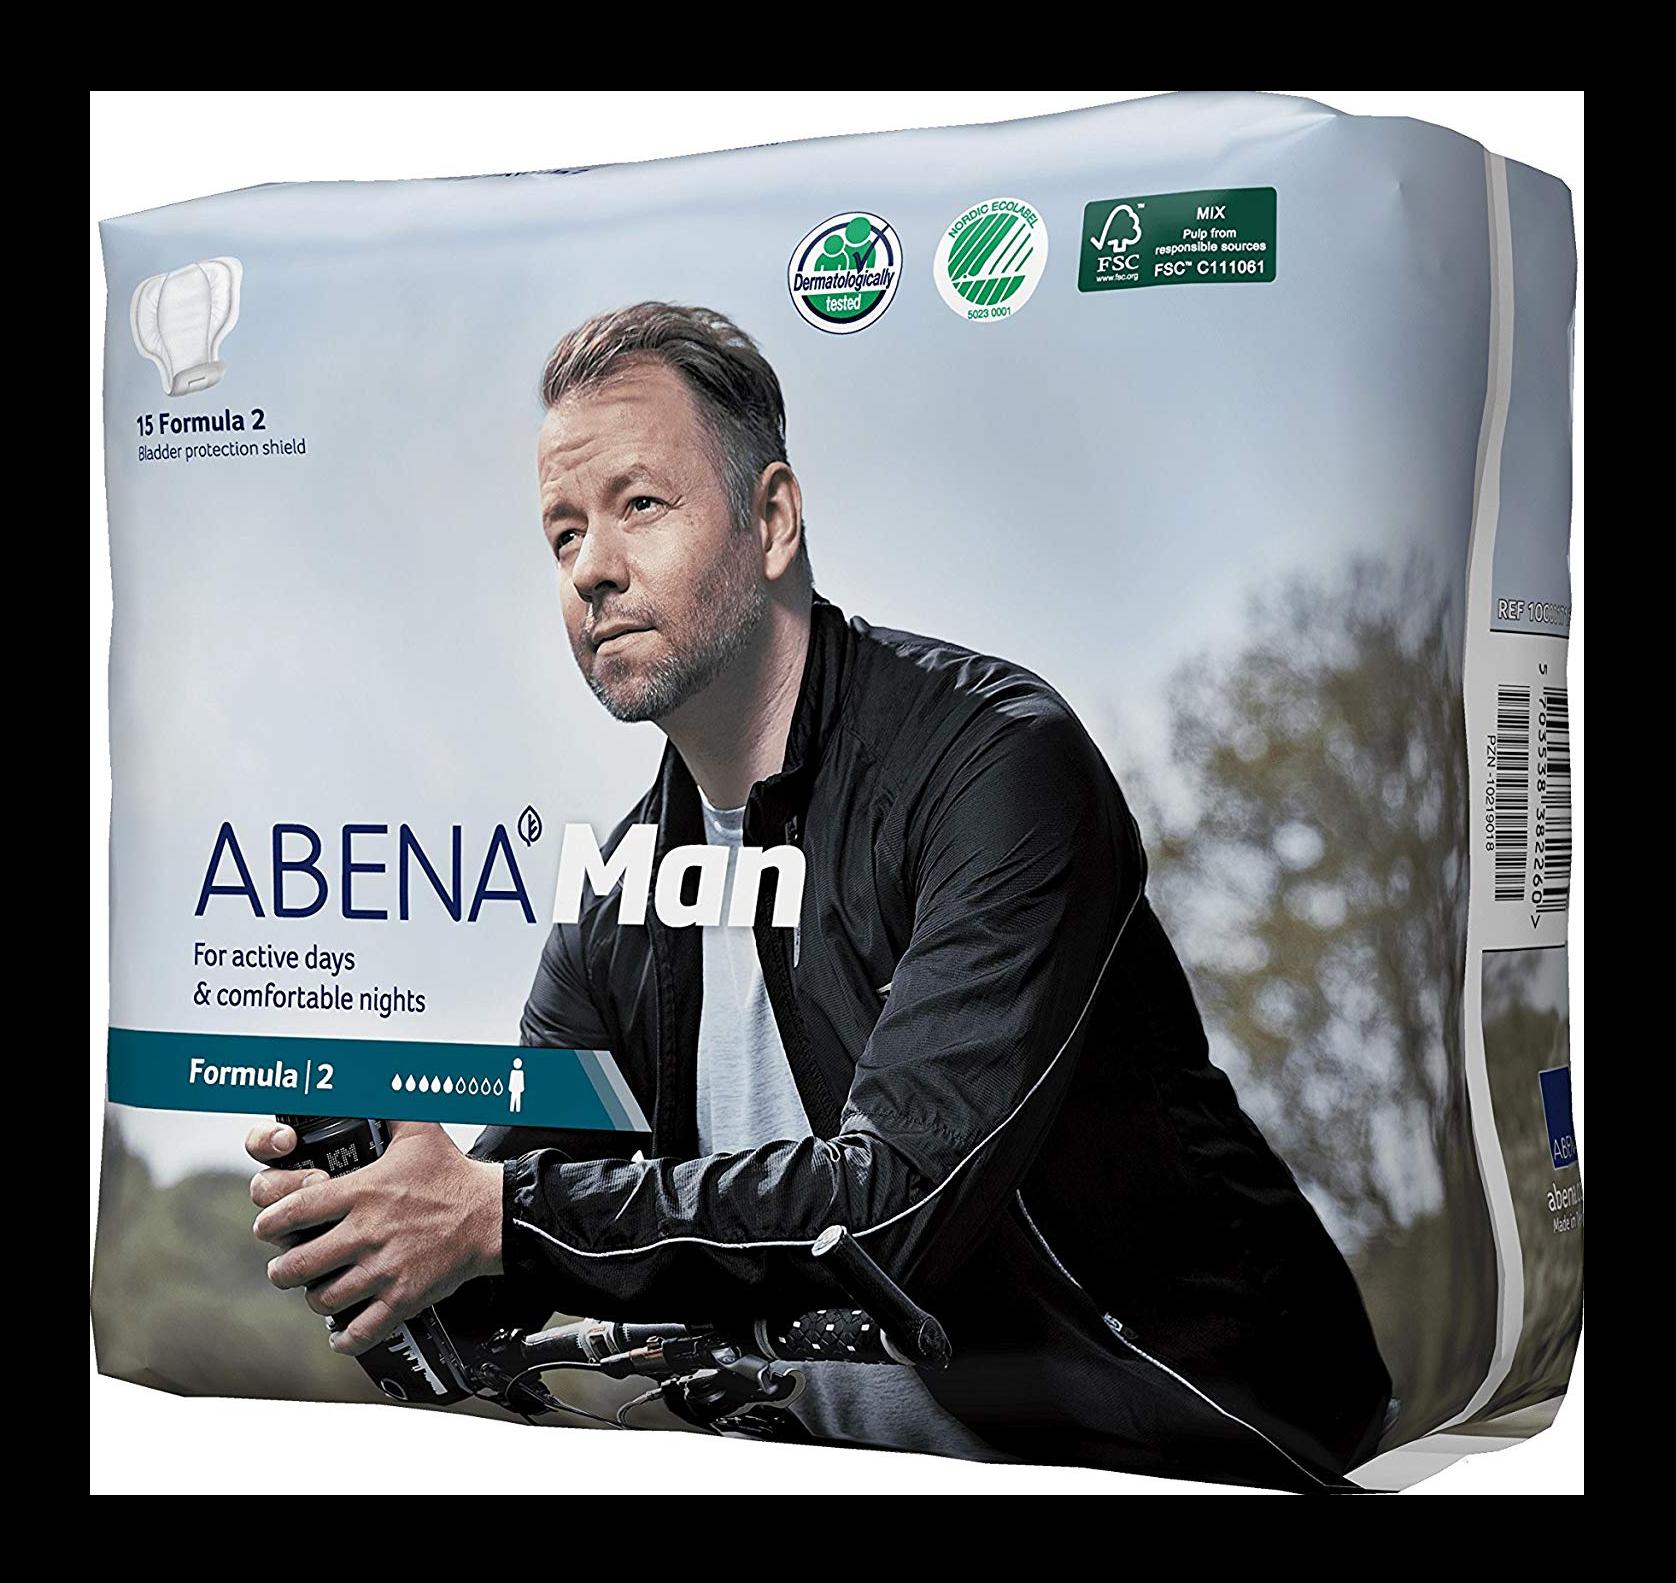 Băng vệ sinh nam giới Abena Man Formula – 15 miếng/gói – hàng nhập khẩu Đan mạch (cho người thiếu tự chủ bài tiết, thiết kế phù hợp với đặc thù cơ thể nam giới, nhẹ, êm, thoáng khí và rất kín đáo)